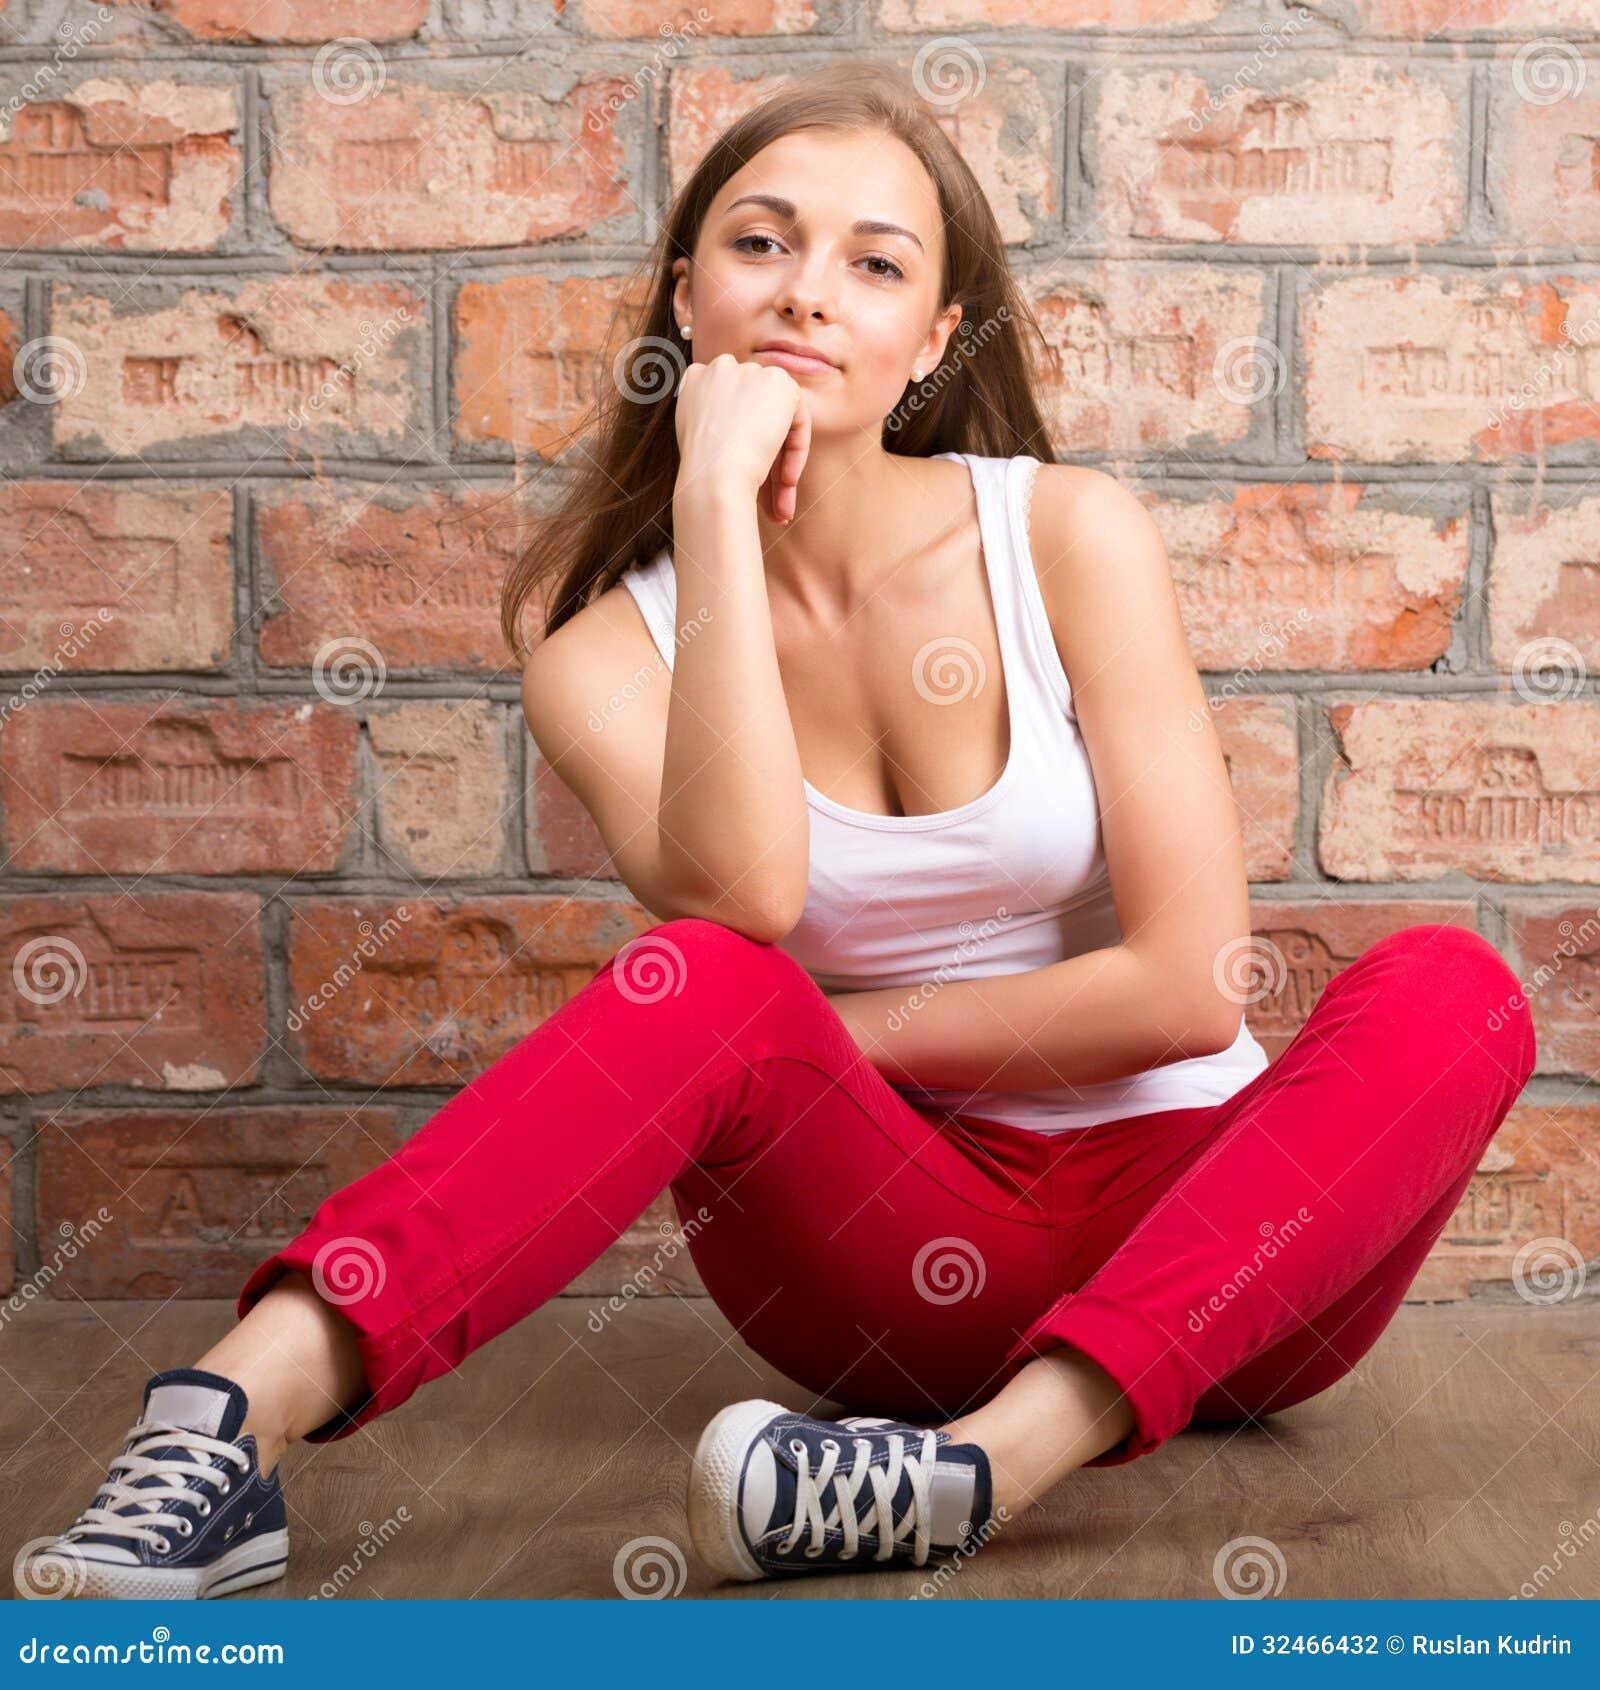 Девушка фото на фоне кирпичной стены